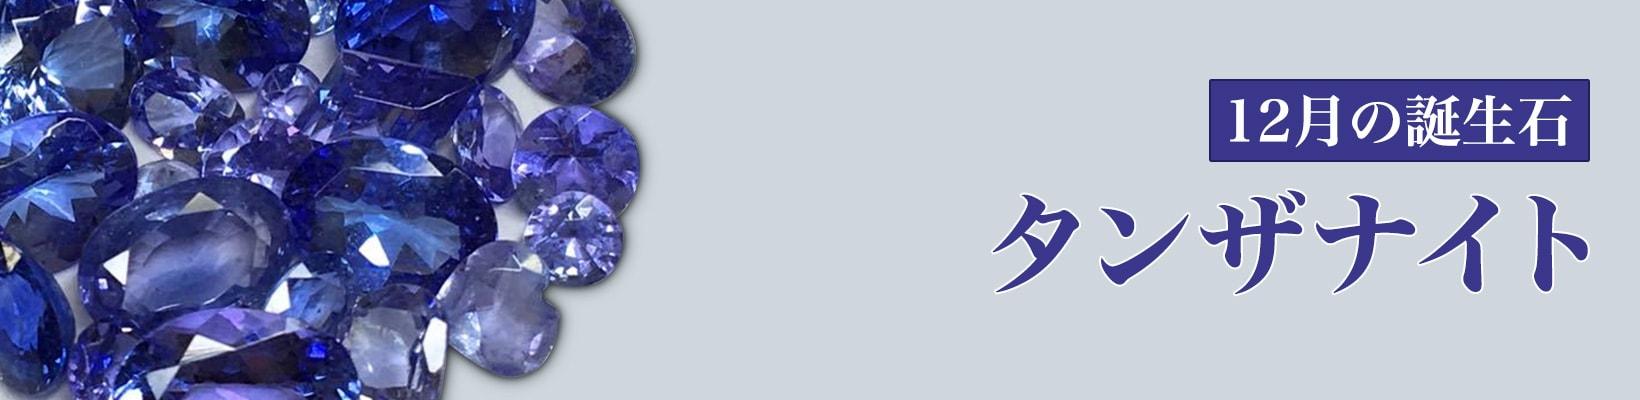 12月の誕生石:タンザナイト(黝簾石)